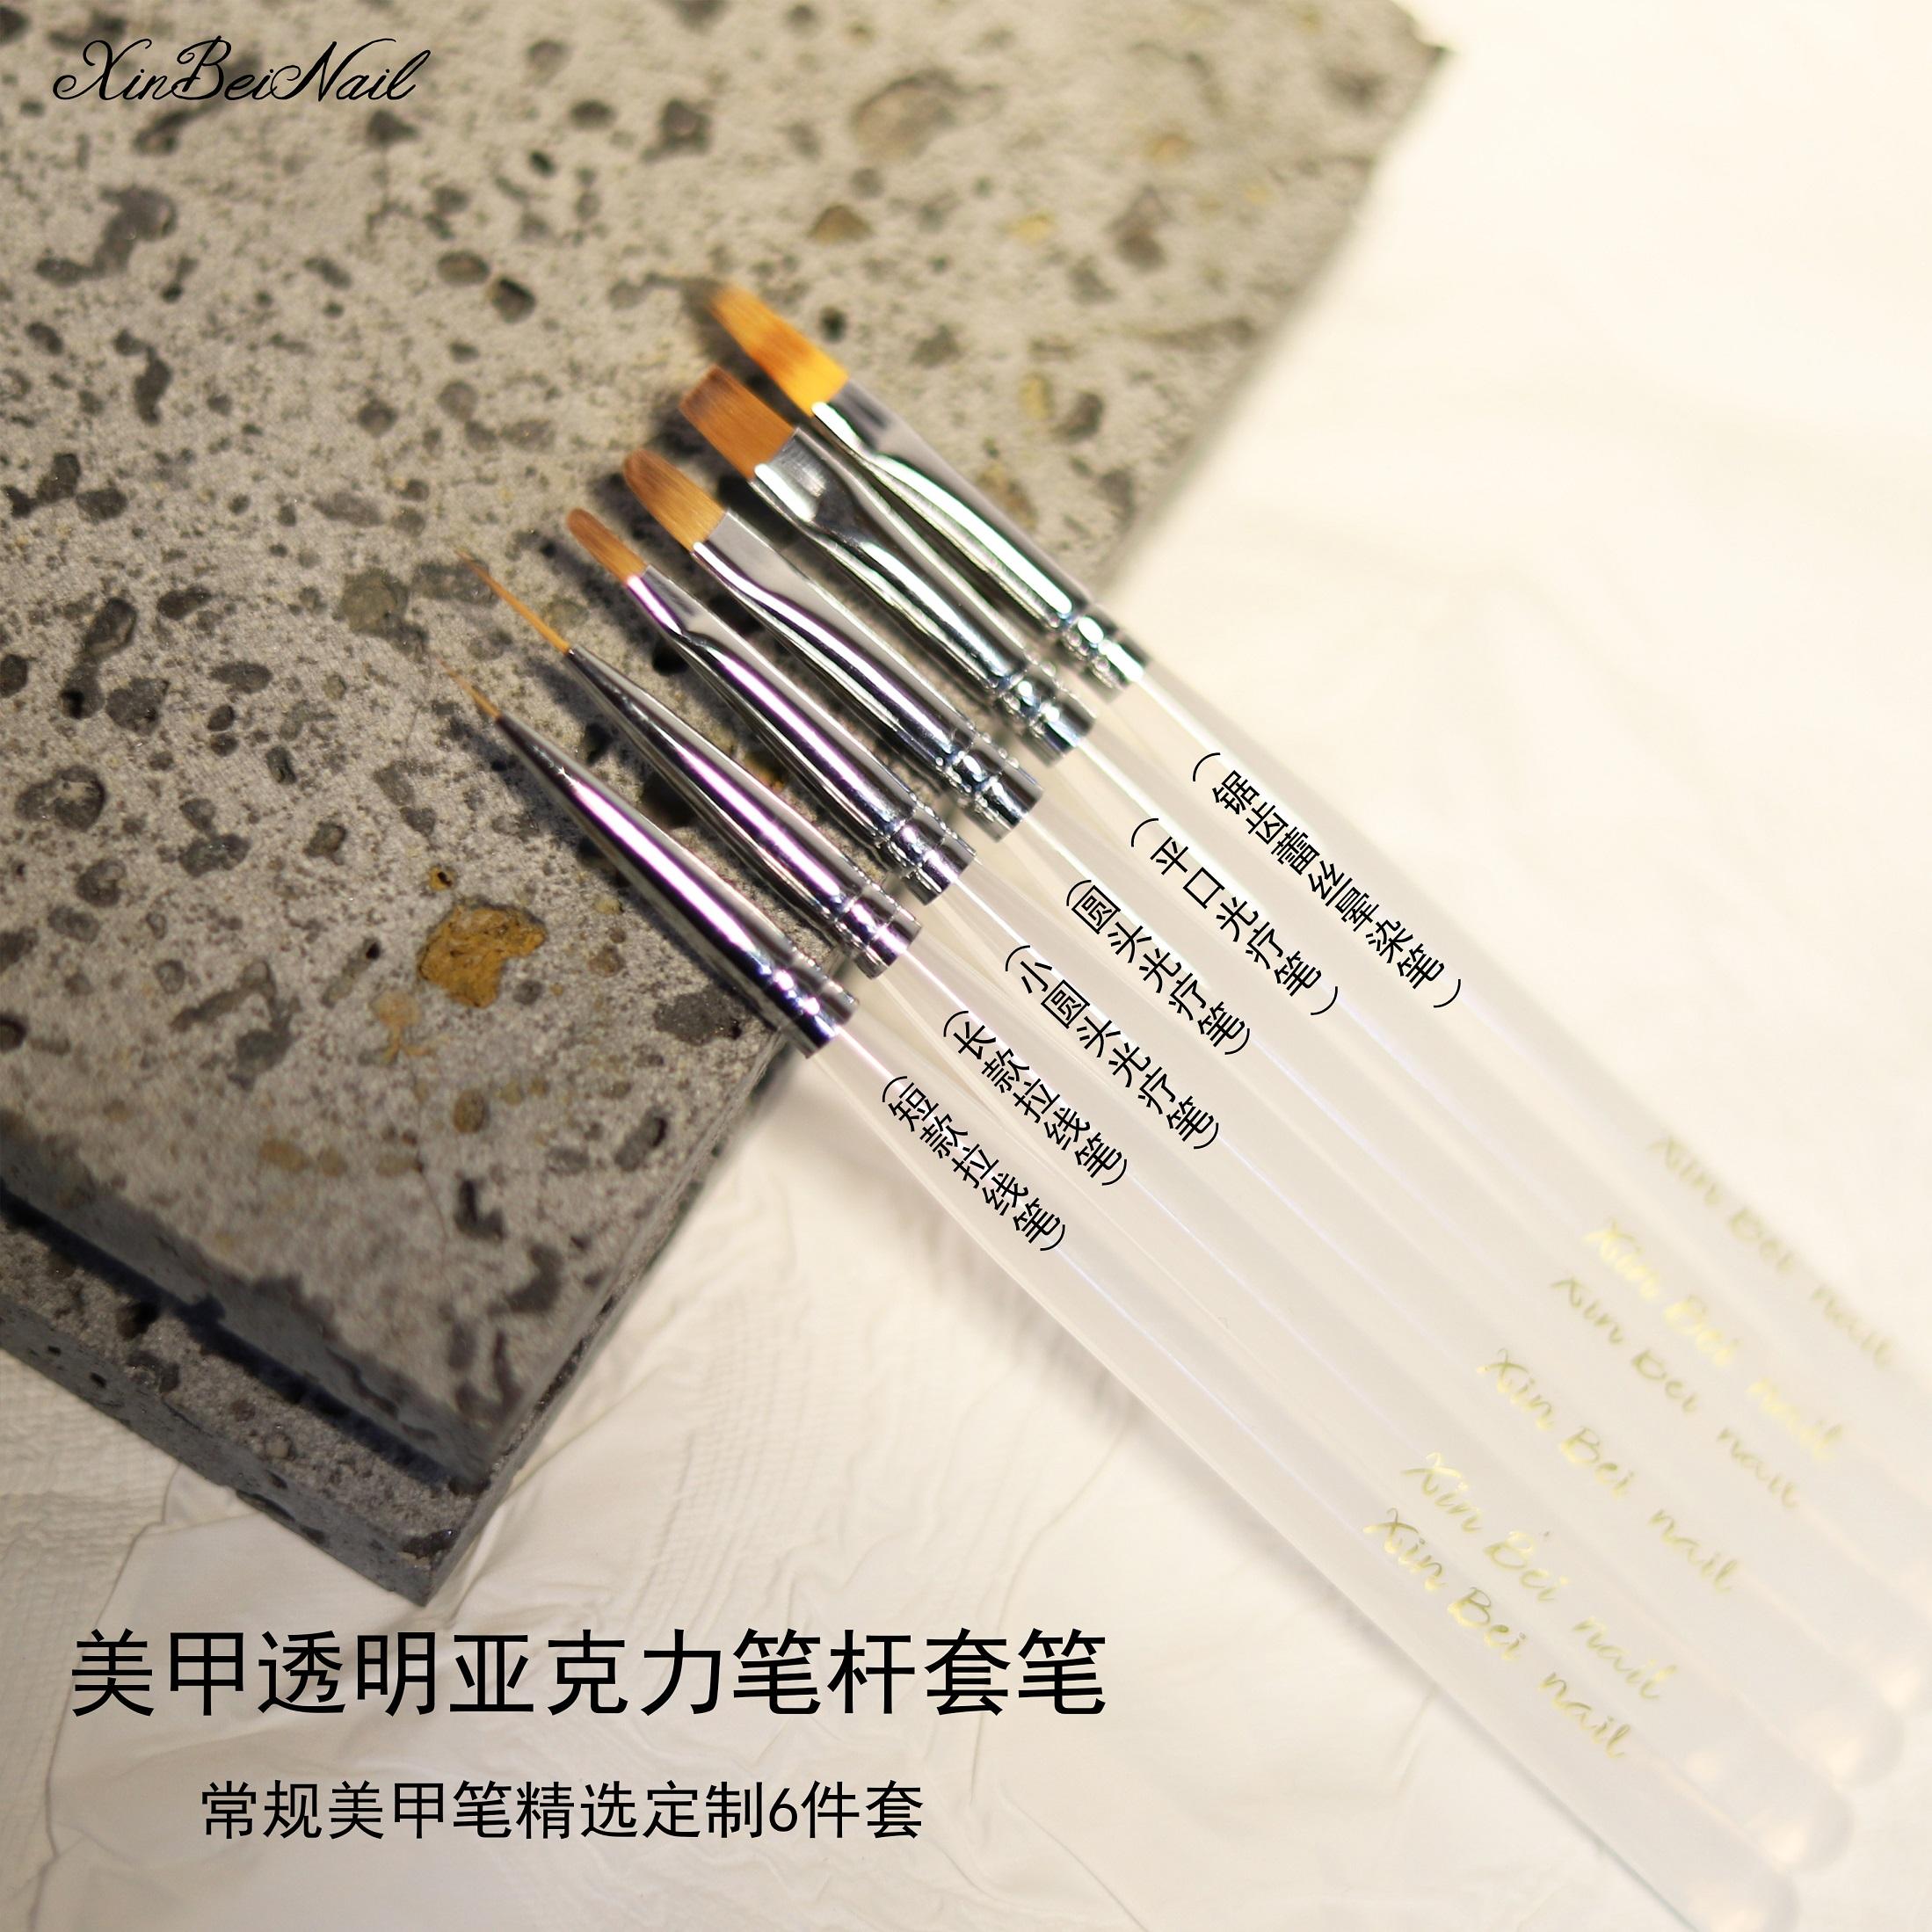 爆款美甲透明亚克力笔刷拉线光疗晕染渐变刷子全套精选定制工具